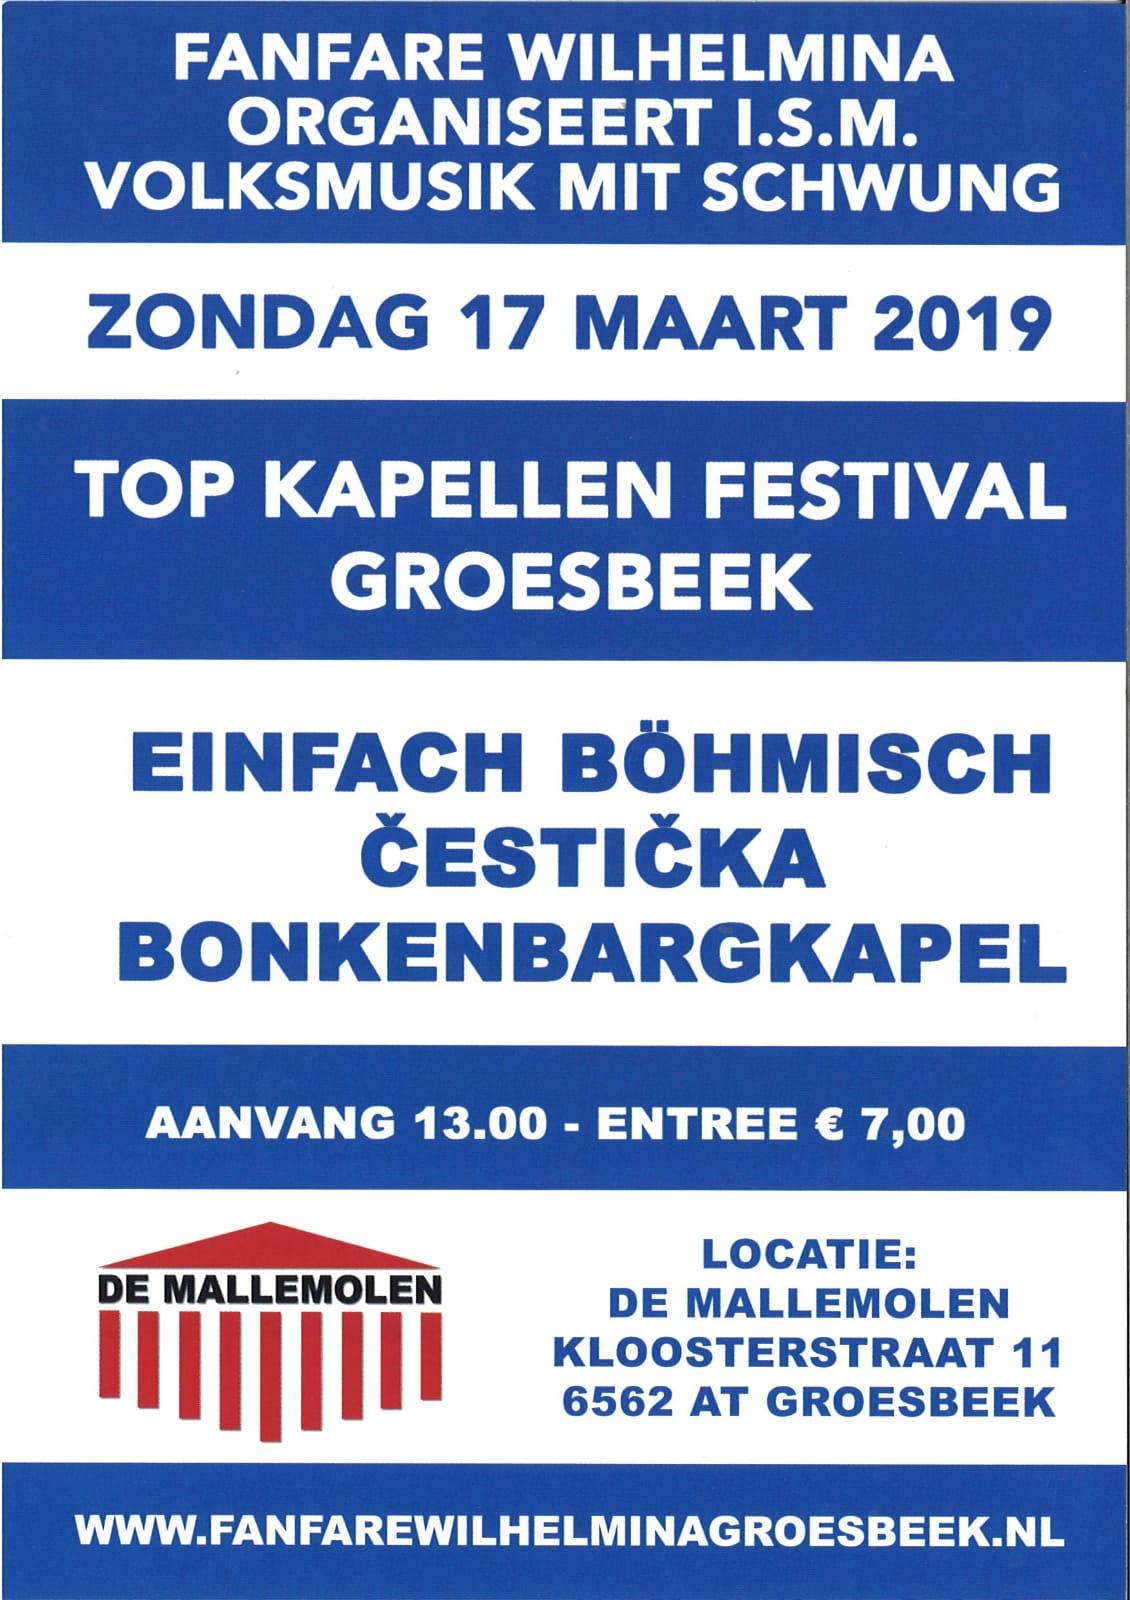 Top Kapellen Festival Groesbeek @ Cultureel Centrum de Mallemolen | Groesbeek | Gelderland | Nederland